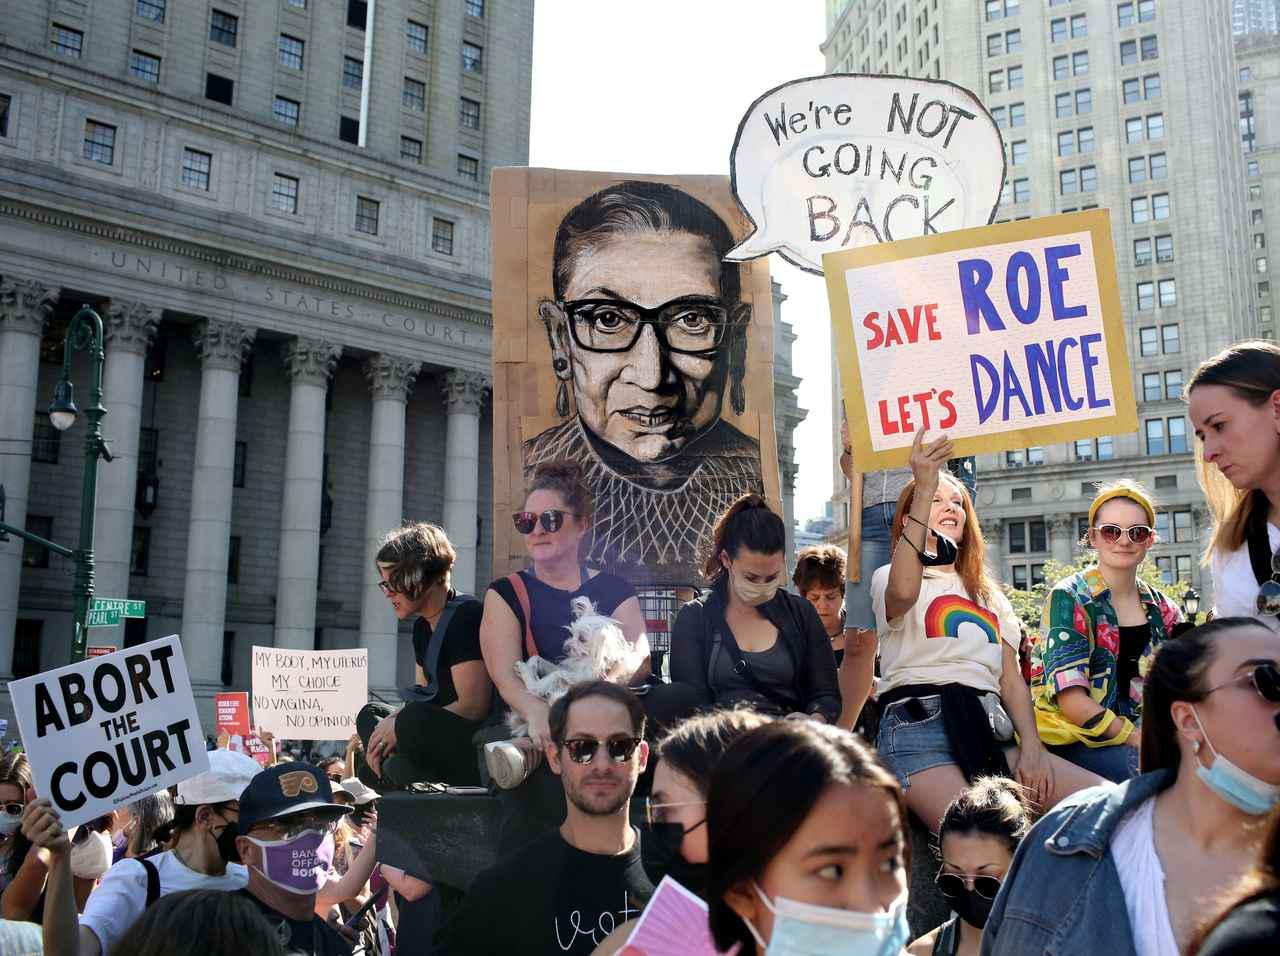 画像: 「私の体、私の選択」アメリカでウィメンズ・マーチ、女性の思いを代弁する『言葉』の数々! - フロントロウ -海外セレブ&海外カルチャー情報を発信